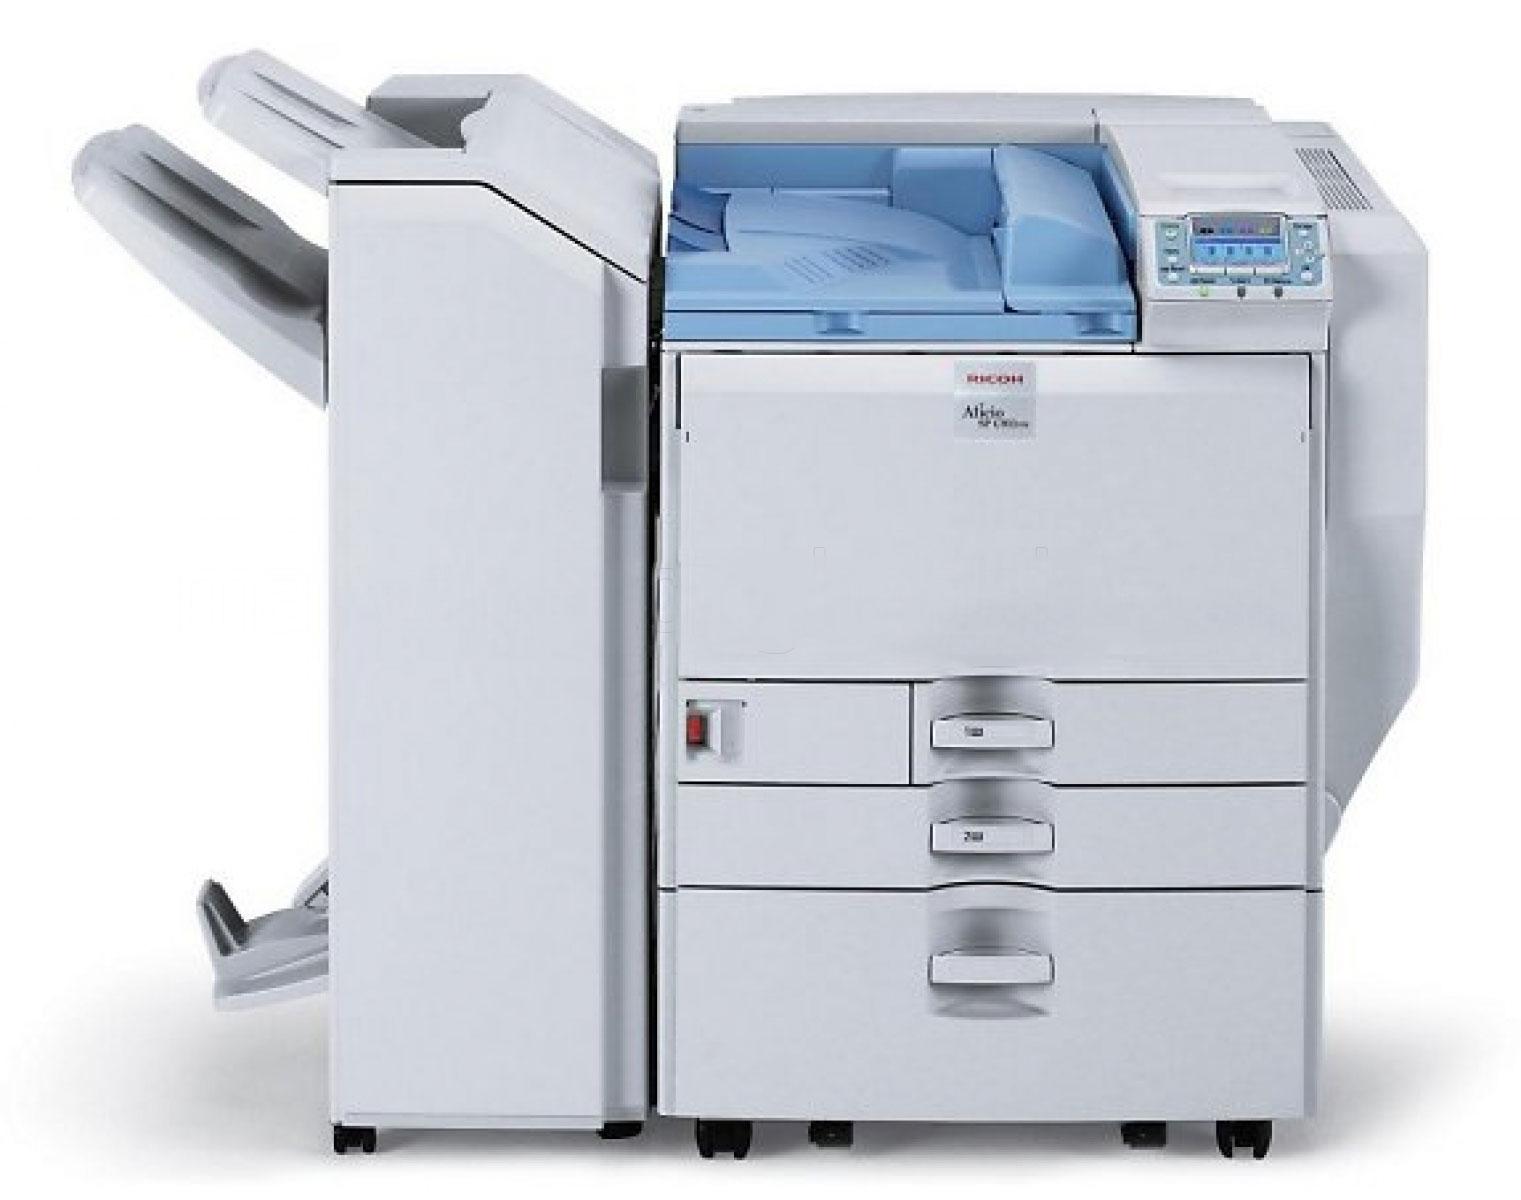 Bán và cho thuê máy photocopy Ricoh Aficio MP 6500 tại Hà Nội- Bắc Ninh